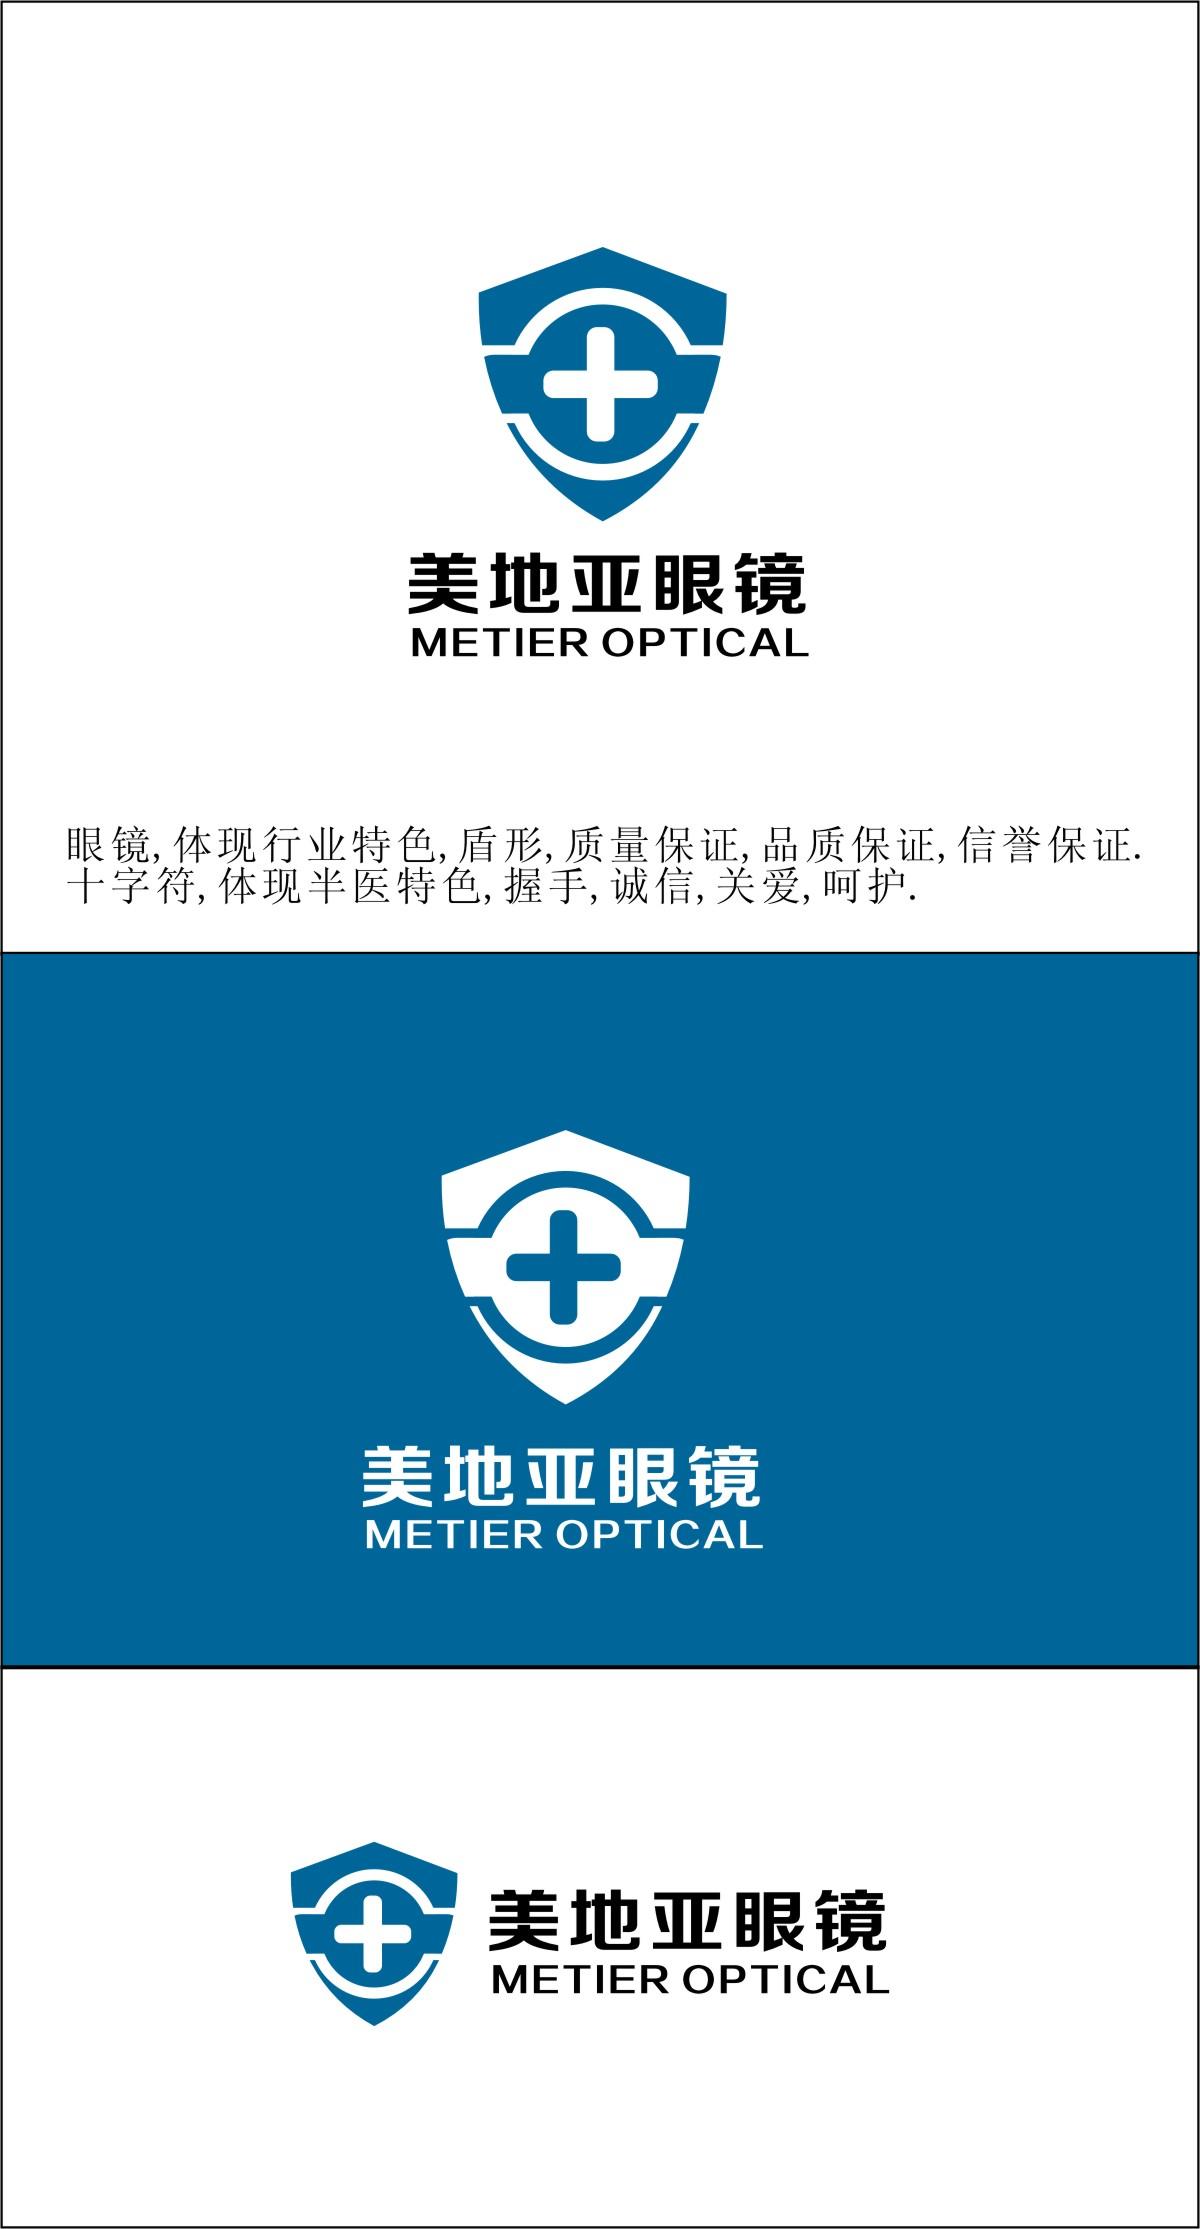 眼镜店logo设计图片